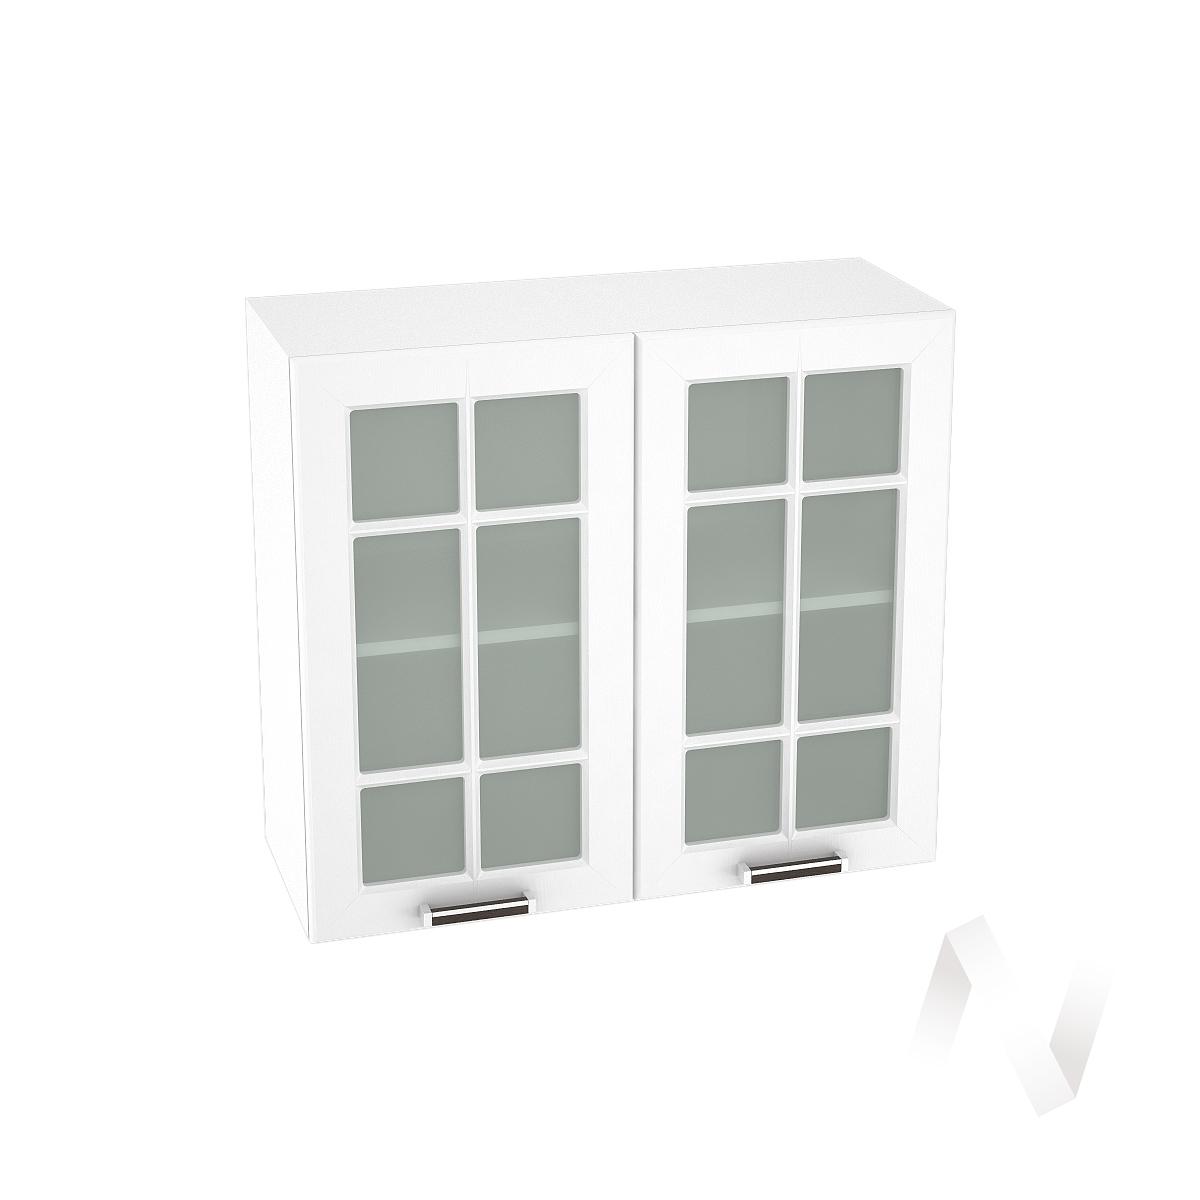 """Кухня """"Прага"""": Шкаф верхний со стеклом 800, ШВС 800 новый (белое дерево/корпус белый)"""